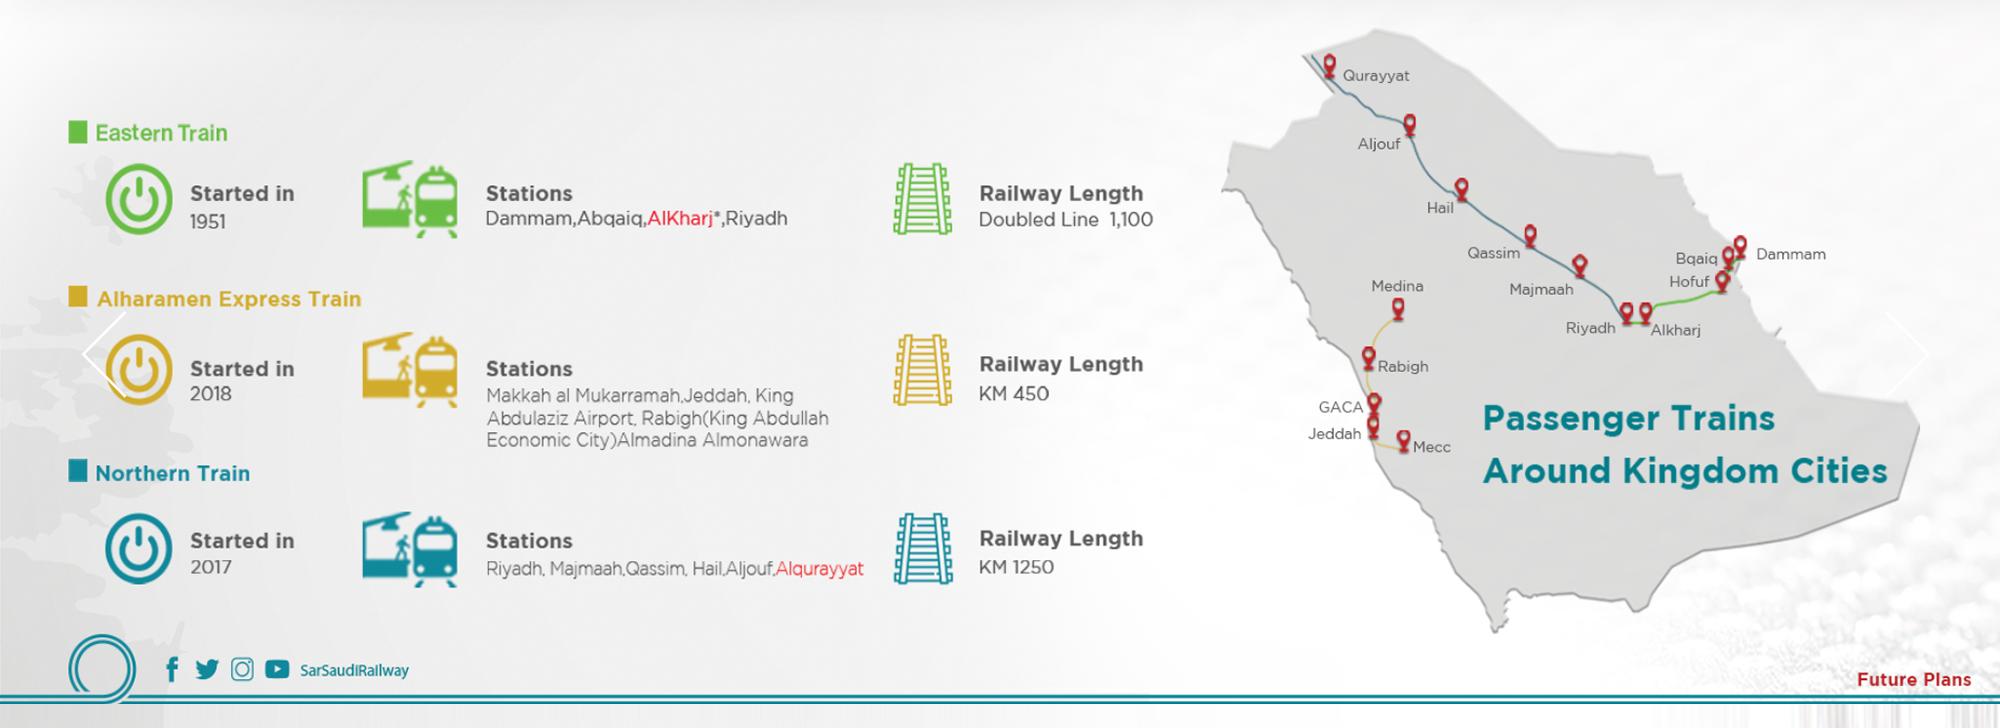 На поезде из Эр-Рияда можно добраться на север и юг страны. Скоростной поезд также курсирует между Меккой и Мединой